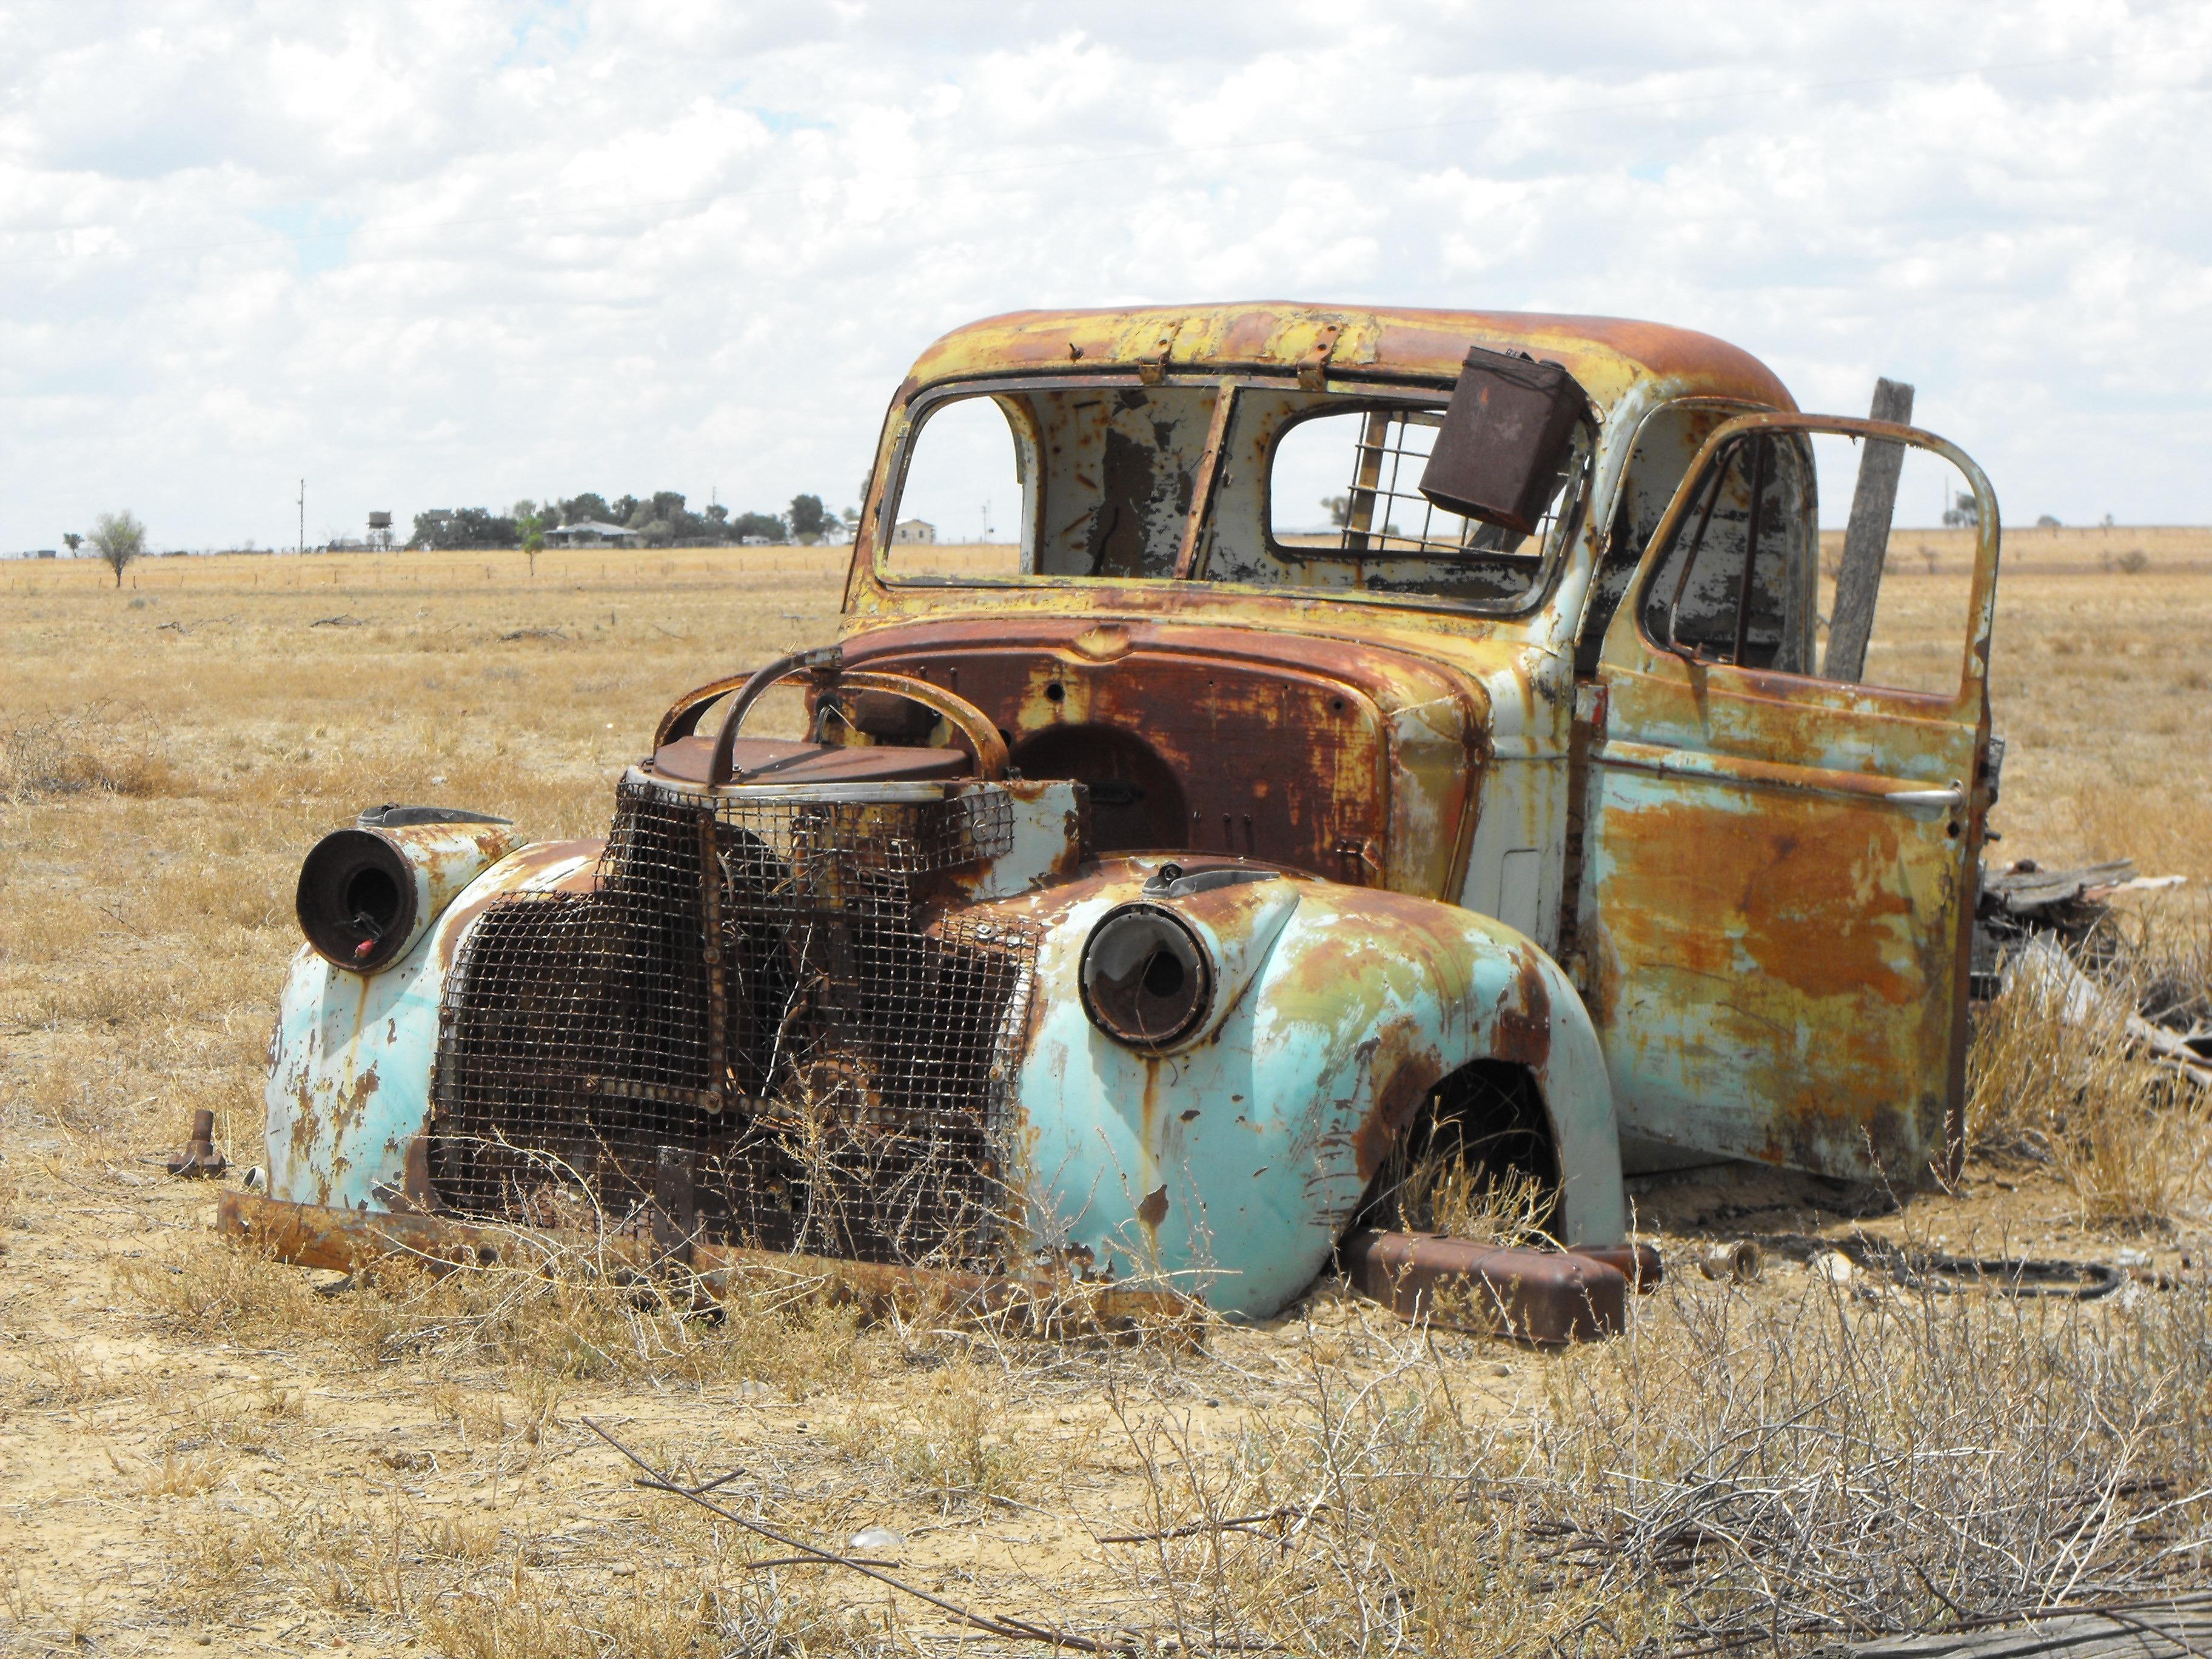 free images transport rust truck junk old car vintage car australia rusted wreck. Black Bedroom Furniture Sets. Home Design Ideas